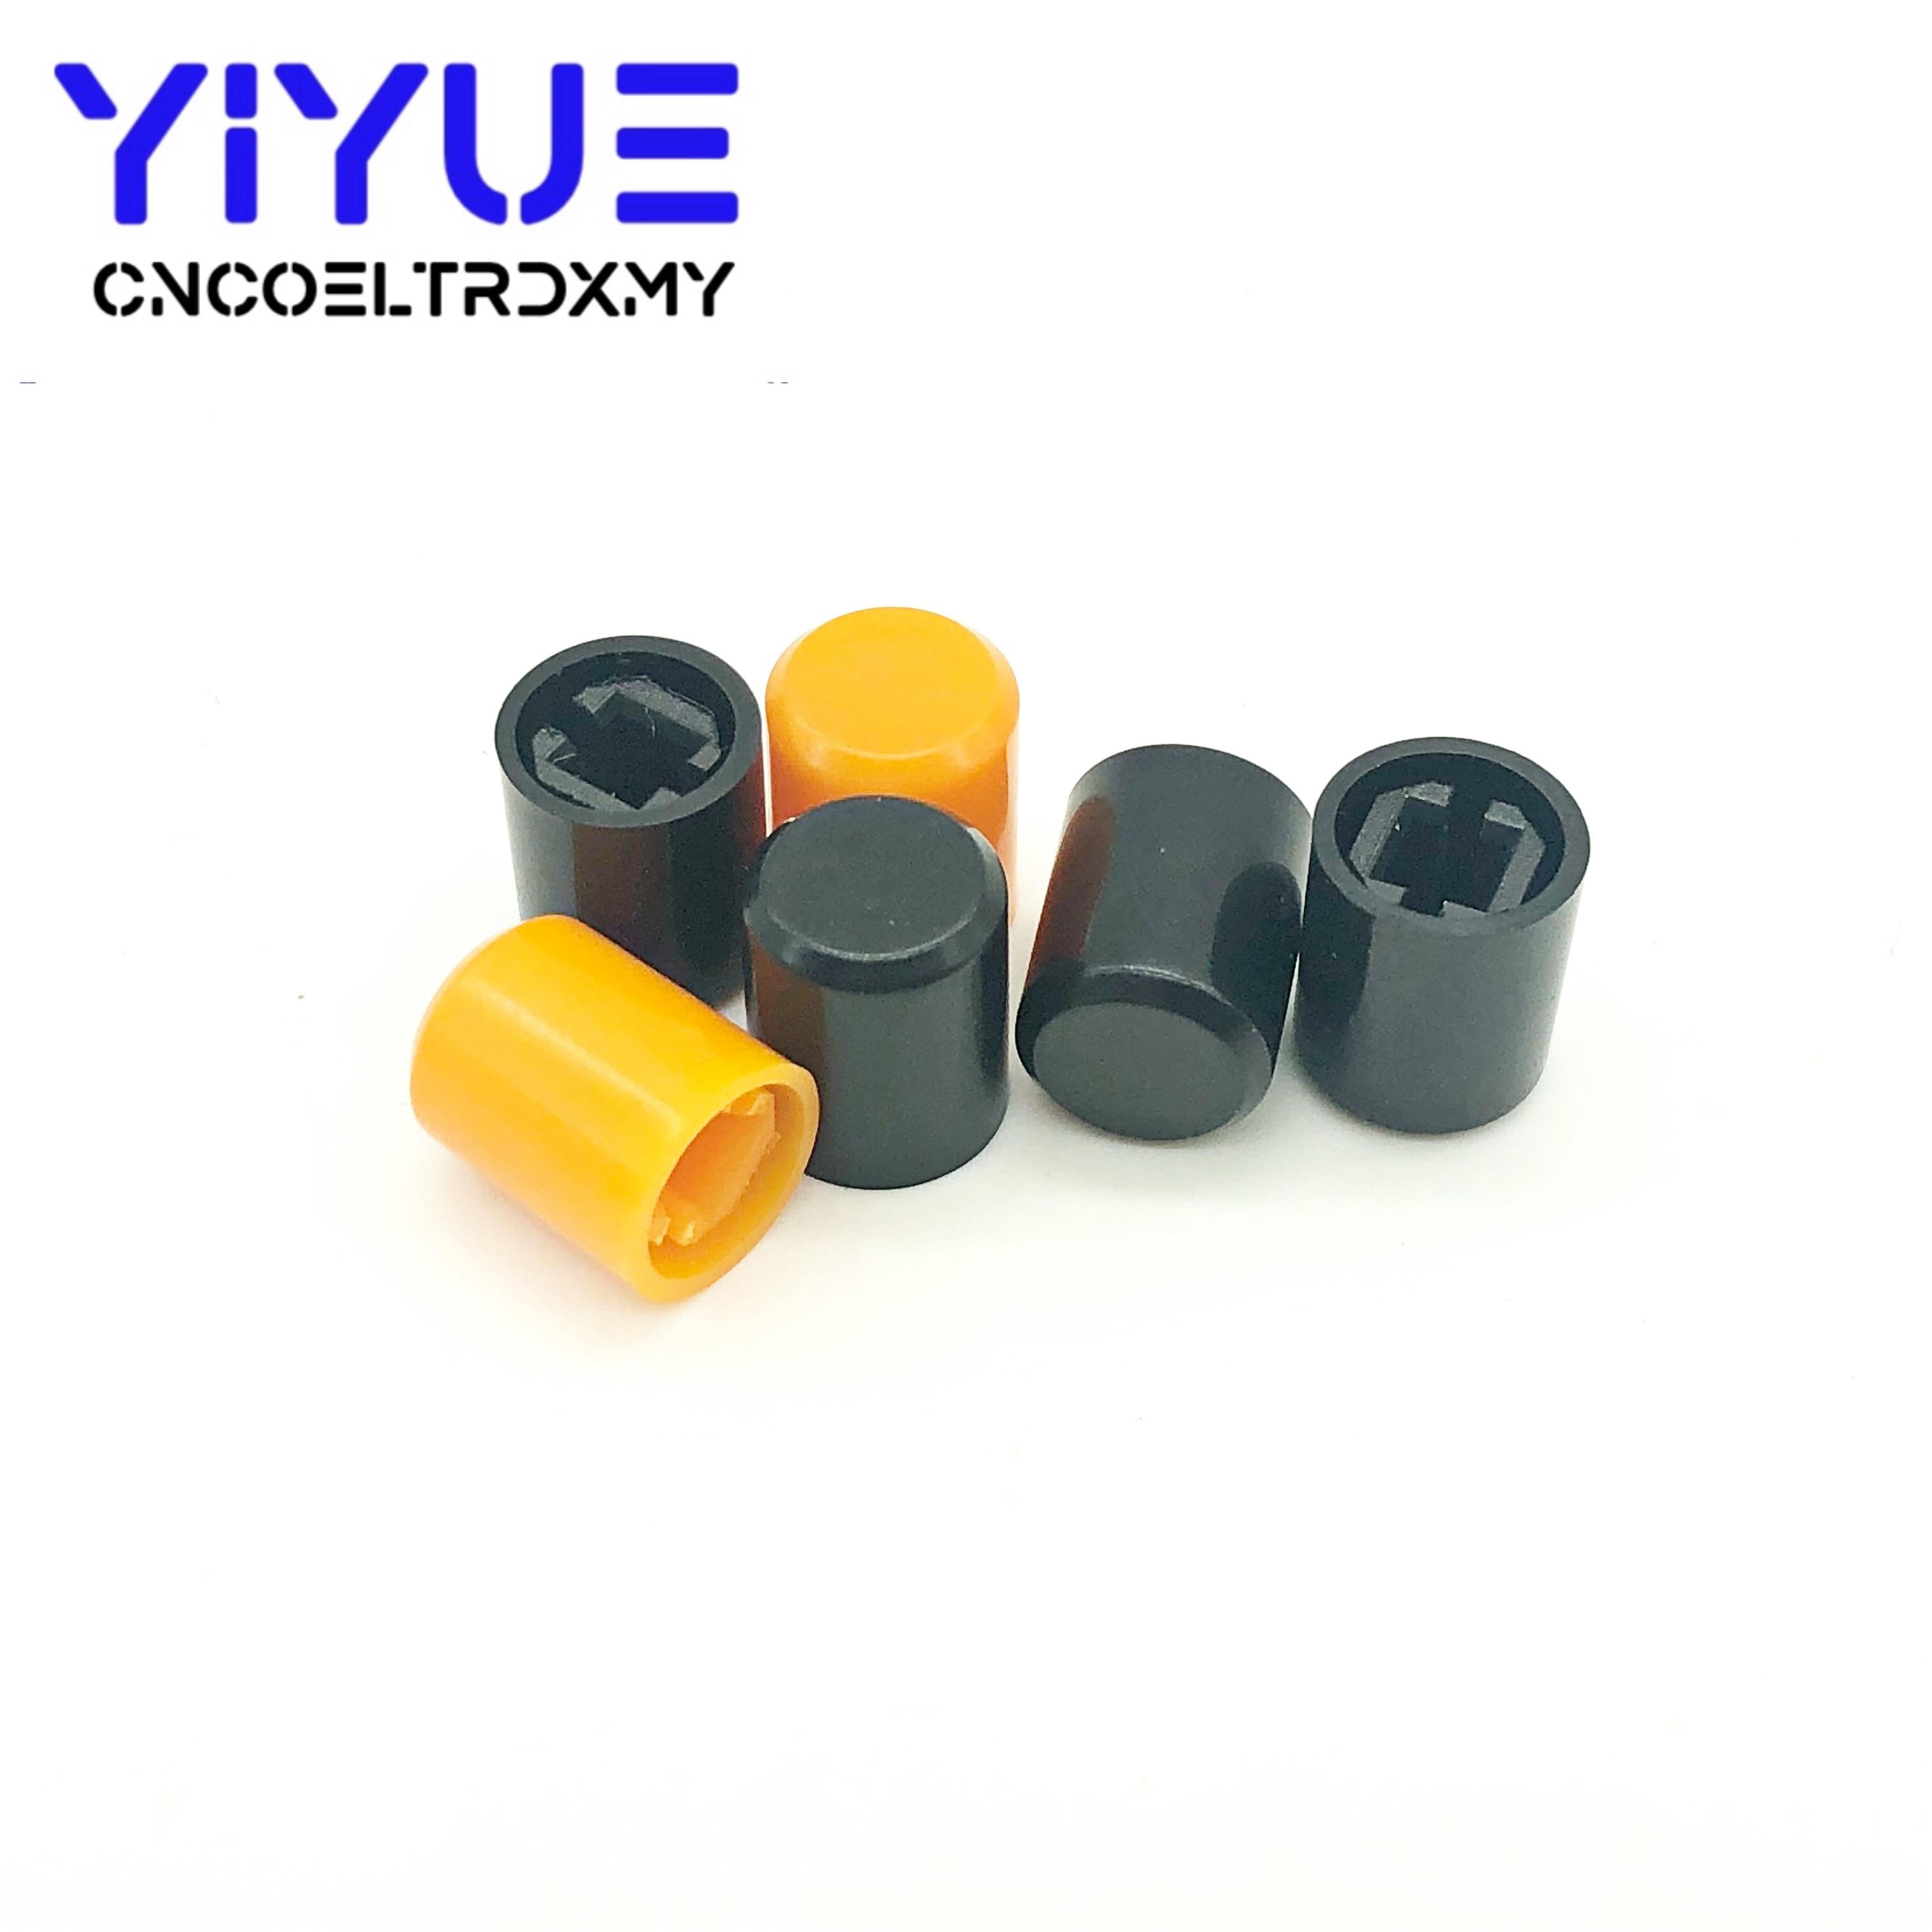 20Pcs Plastic Cap PS-22F03 Push Button Switch Lid Cover A03 A11 Direct Key Switch Cap For Button Switch High 10MM Orange Black